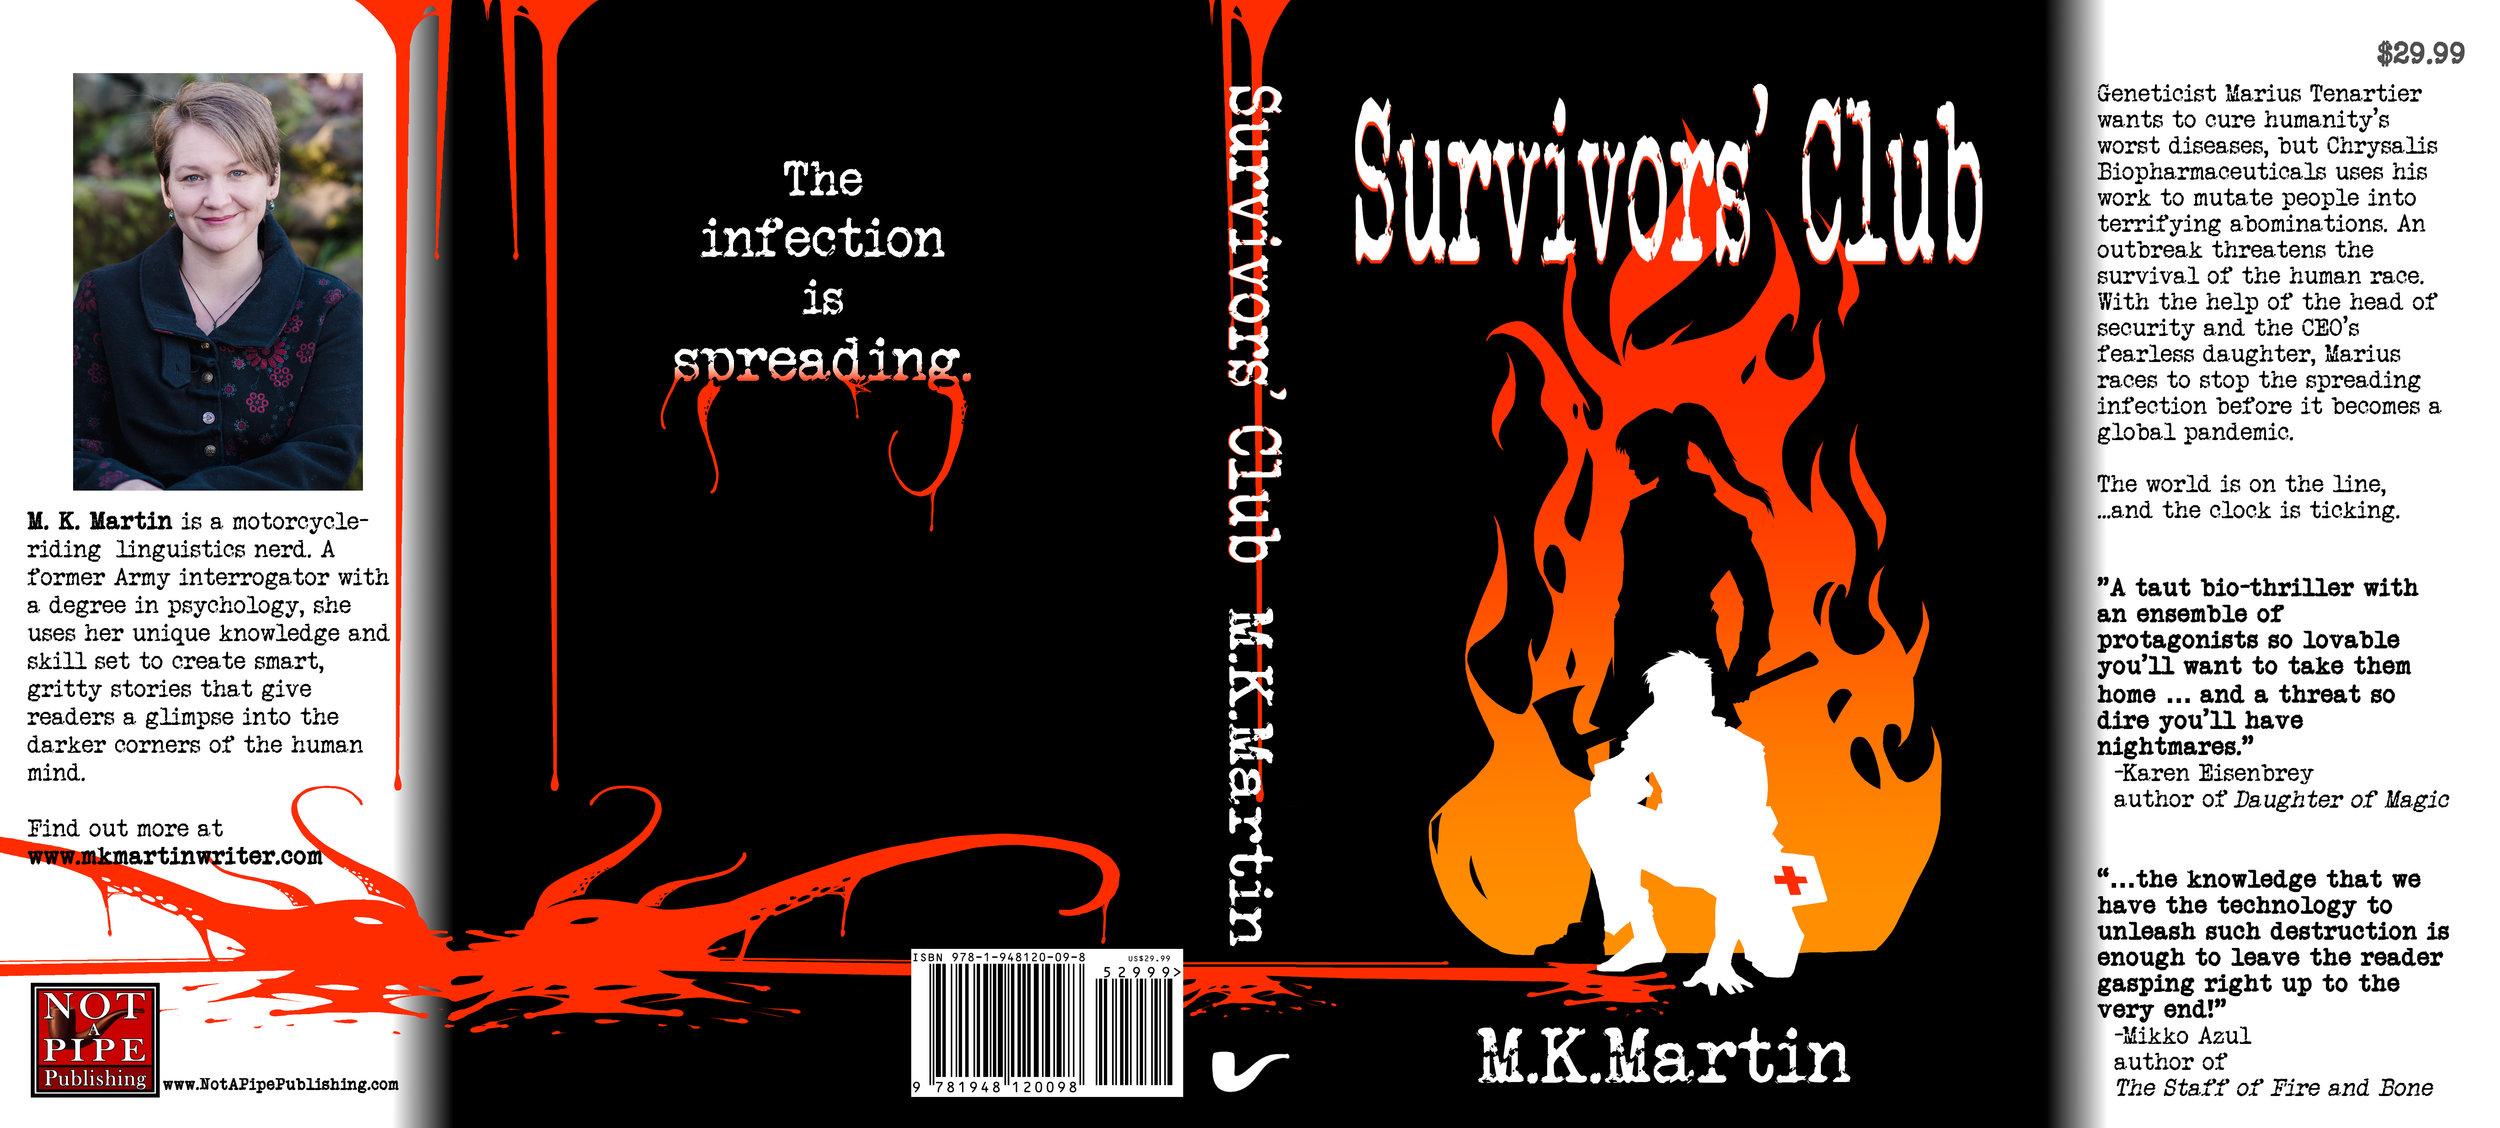 Survivors' Club hardcover dustjacket.jpg